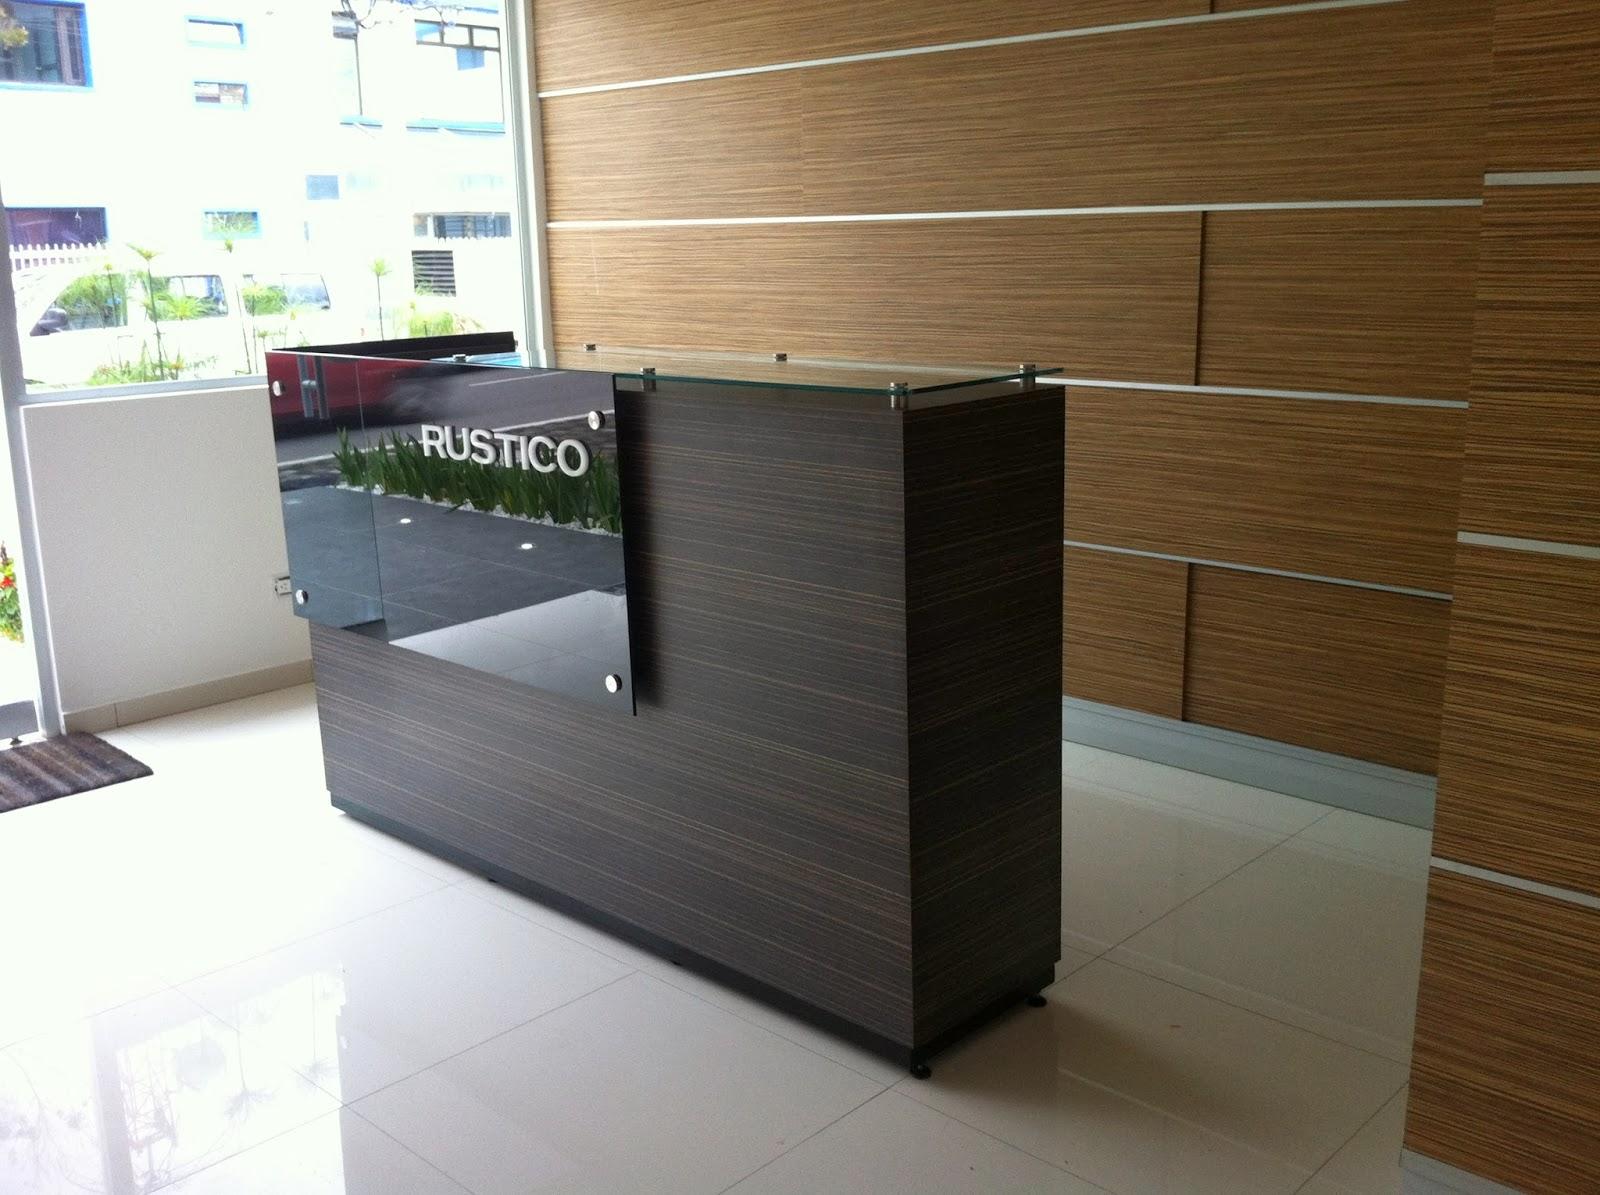 Artefacto studios mueble recepci n edificio rustico for Muebles de recepcion